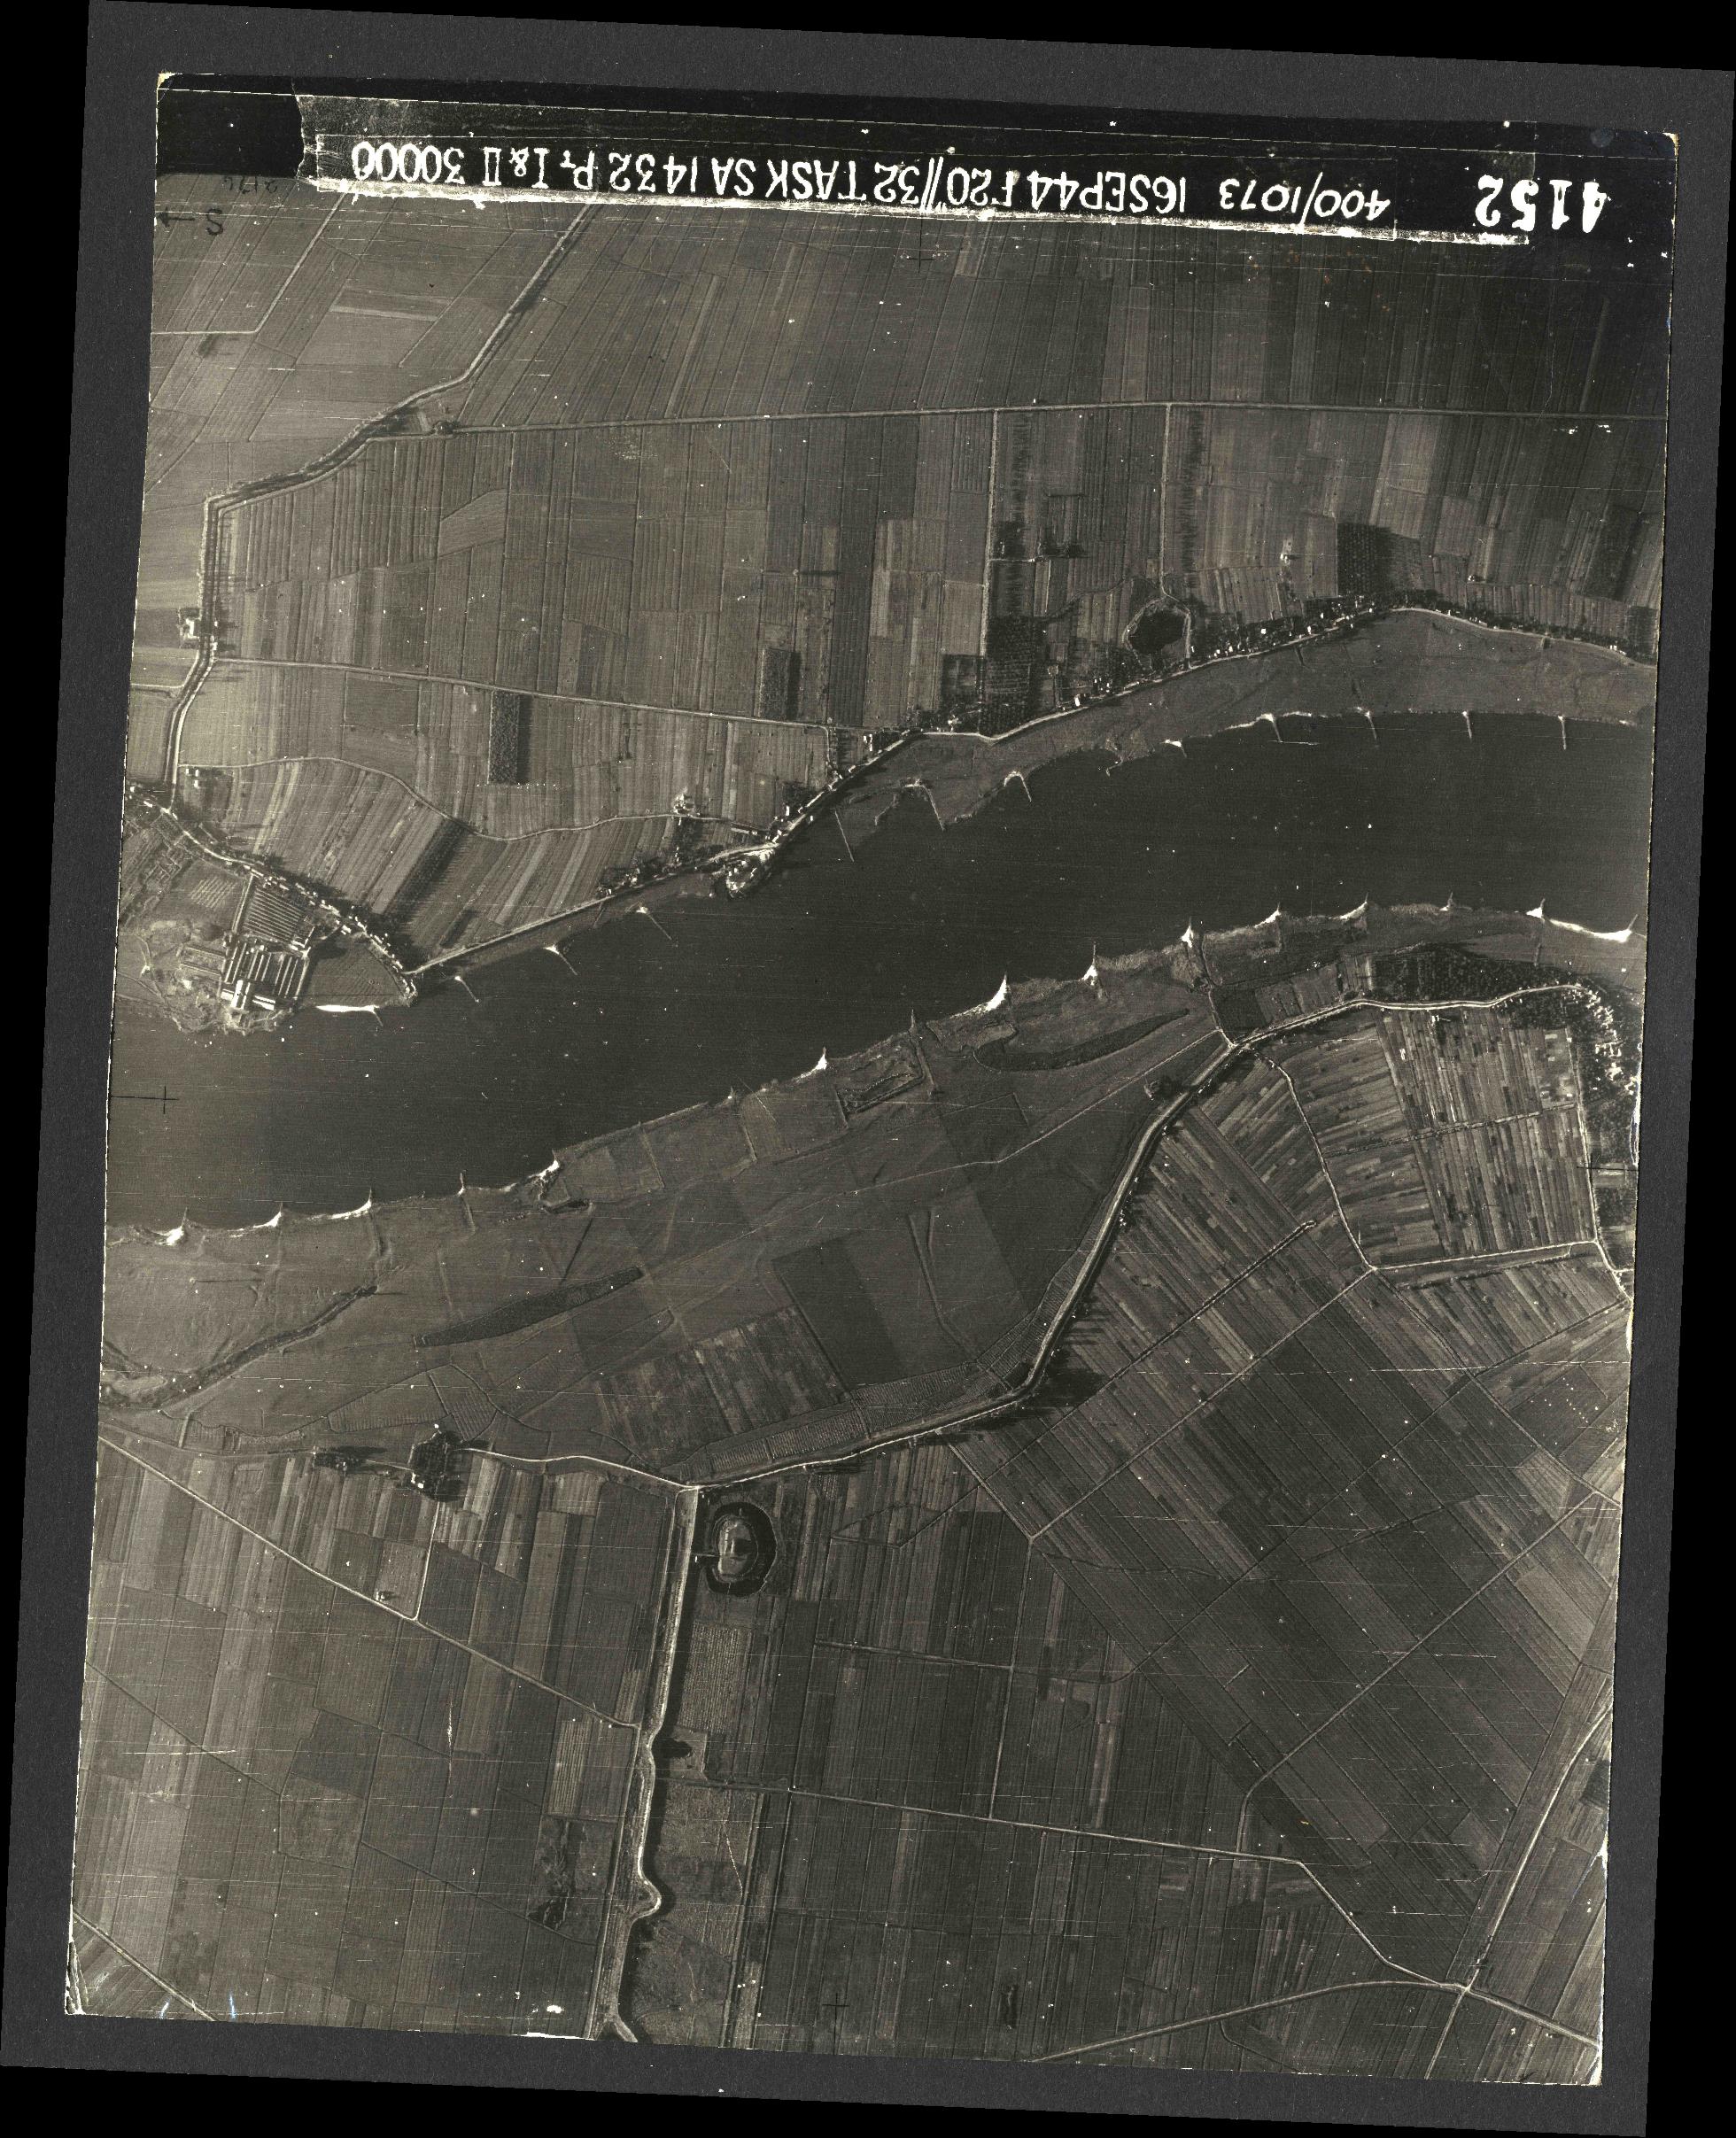 Collection RAF aerial photos 1940-1945 - flight 013, run 01, photo 4152